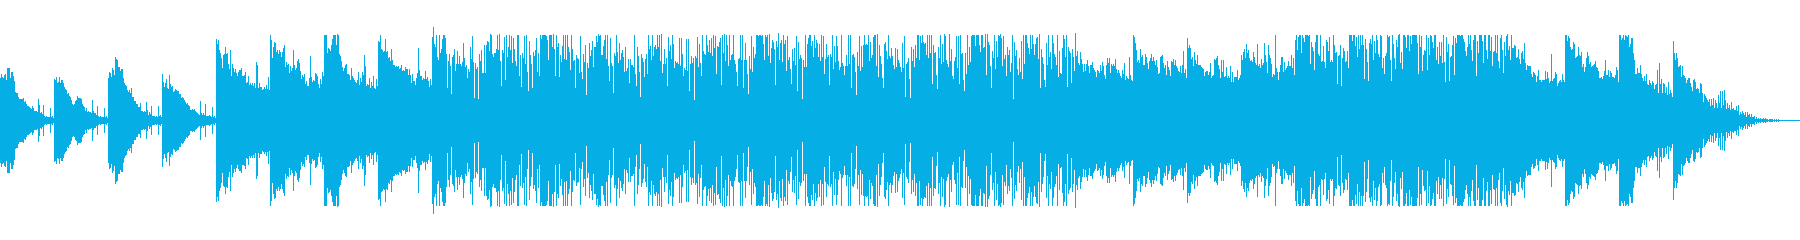 滑らかなピアノのストリングハウス音の再生済みの波形